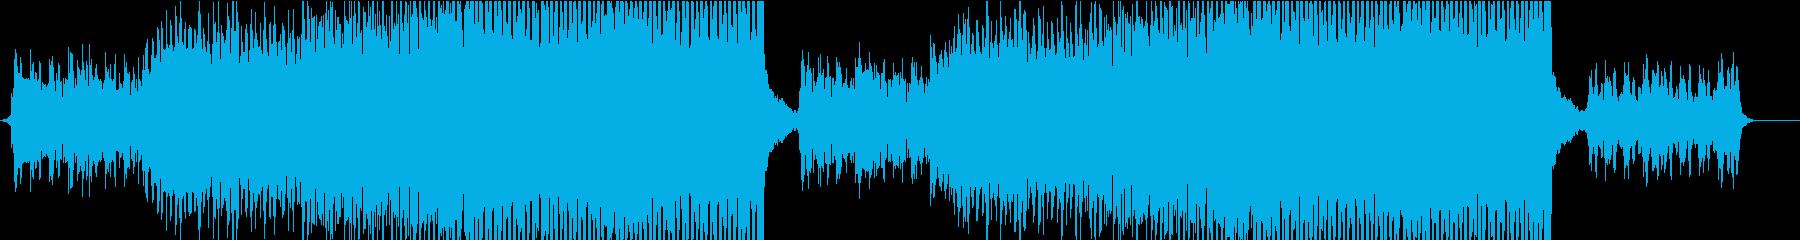 ボーカルチョップを使った明るいEDMの再生済みの波形